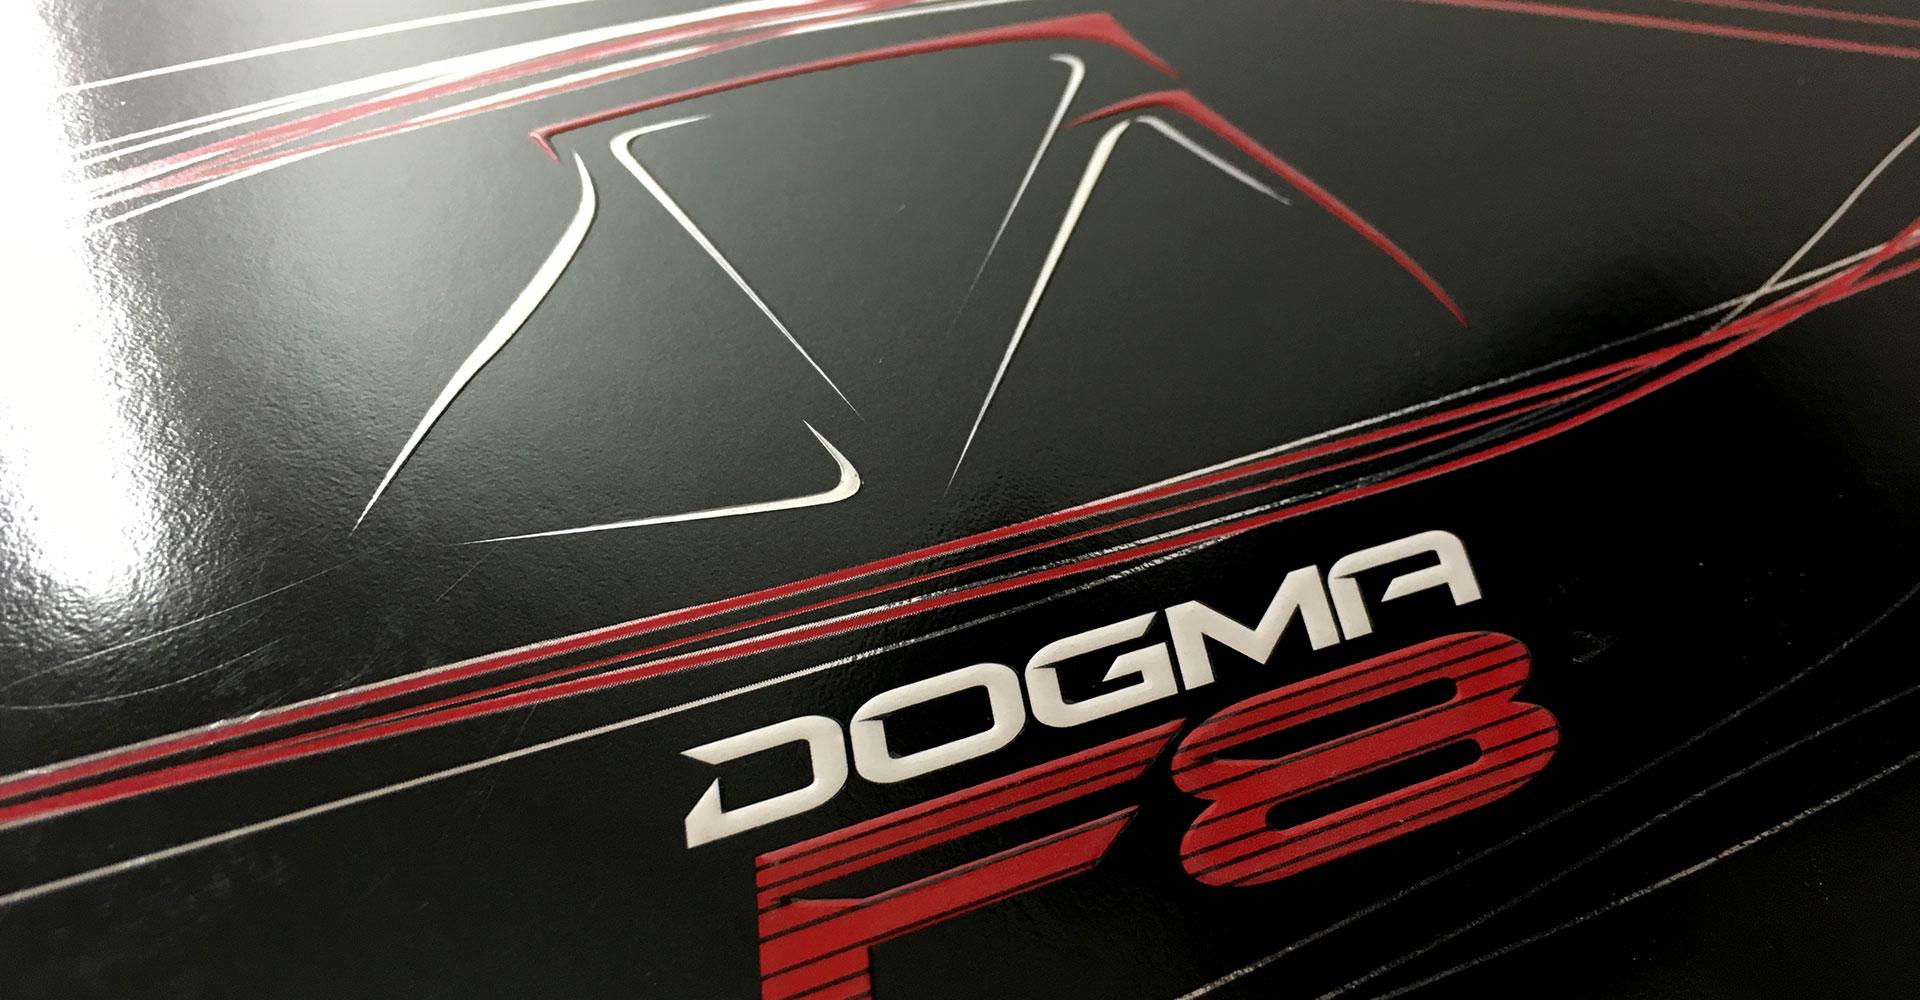 DOGMA F8 world premiere